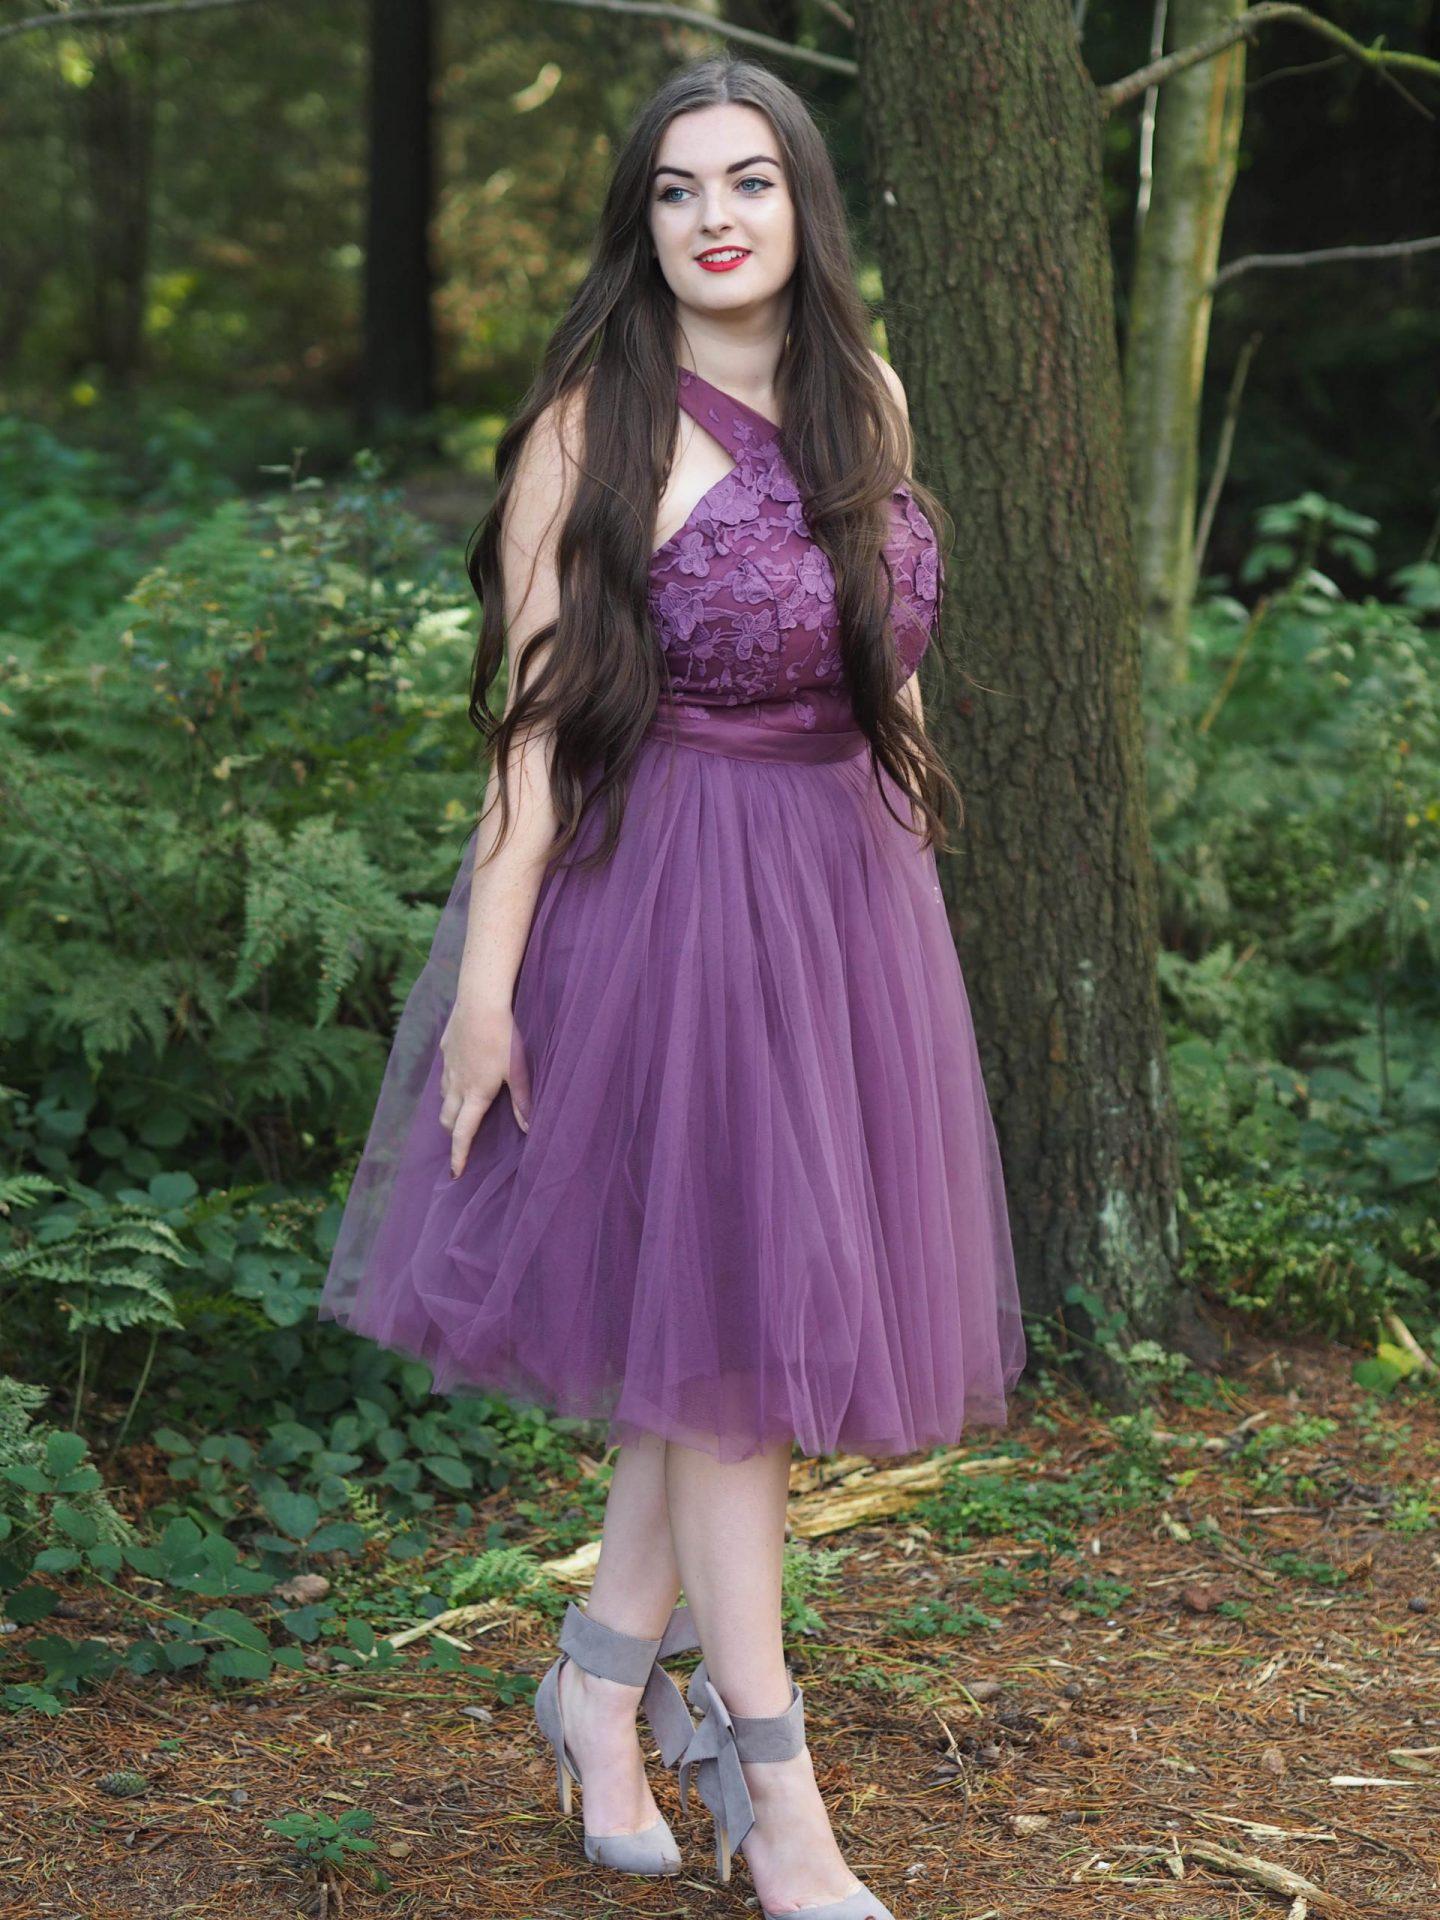 chi-chi-clothing-elif-dress-rachel-nicole-uk-blogger-3